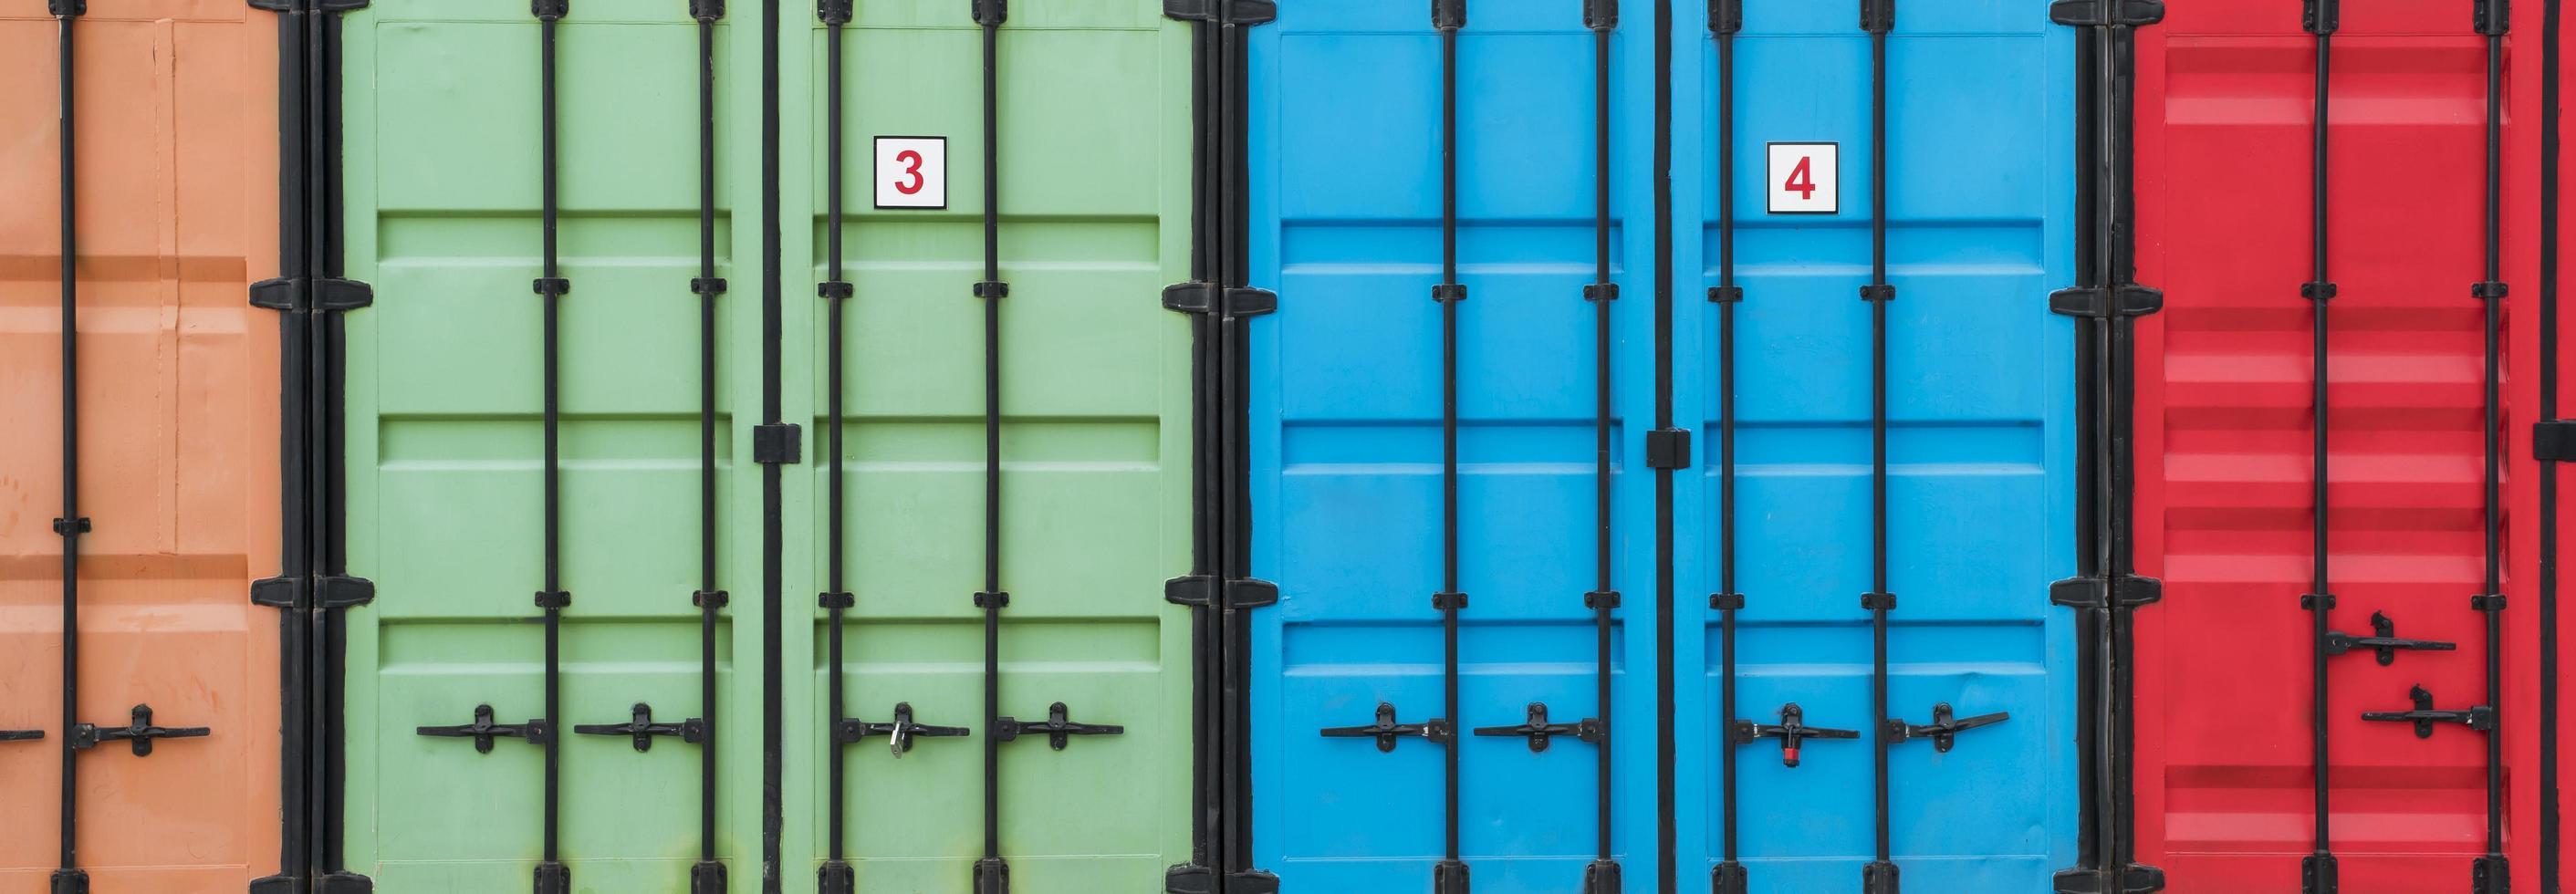 färgglada förvaringsbehållare foto